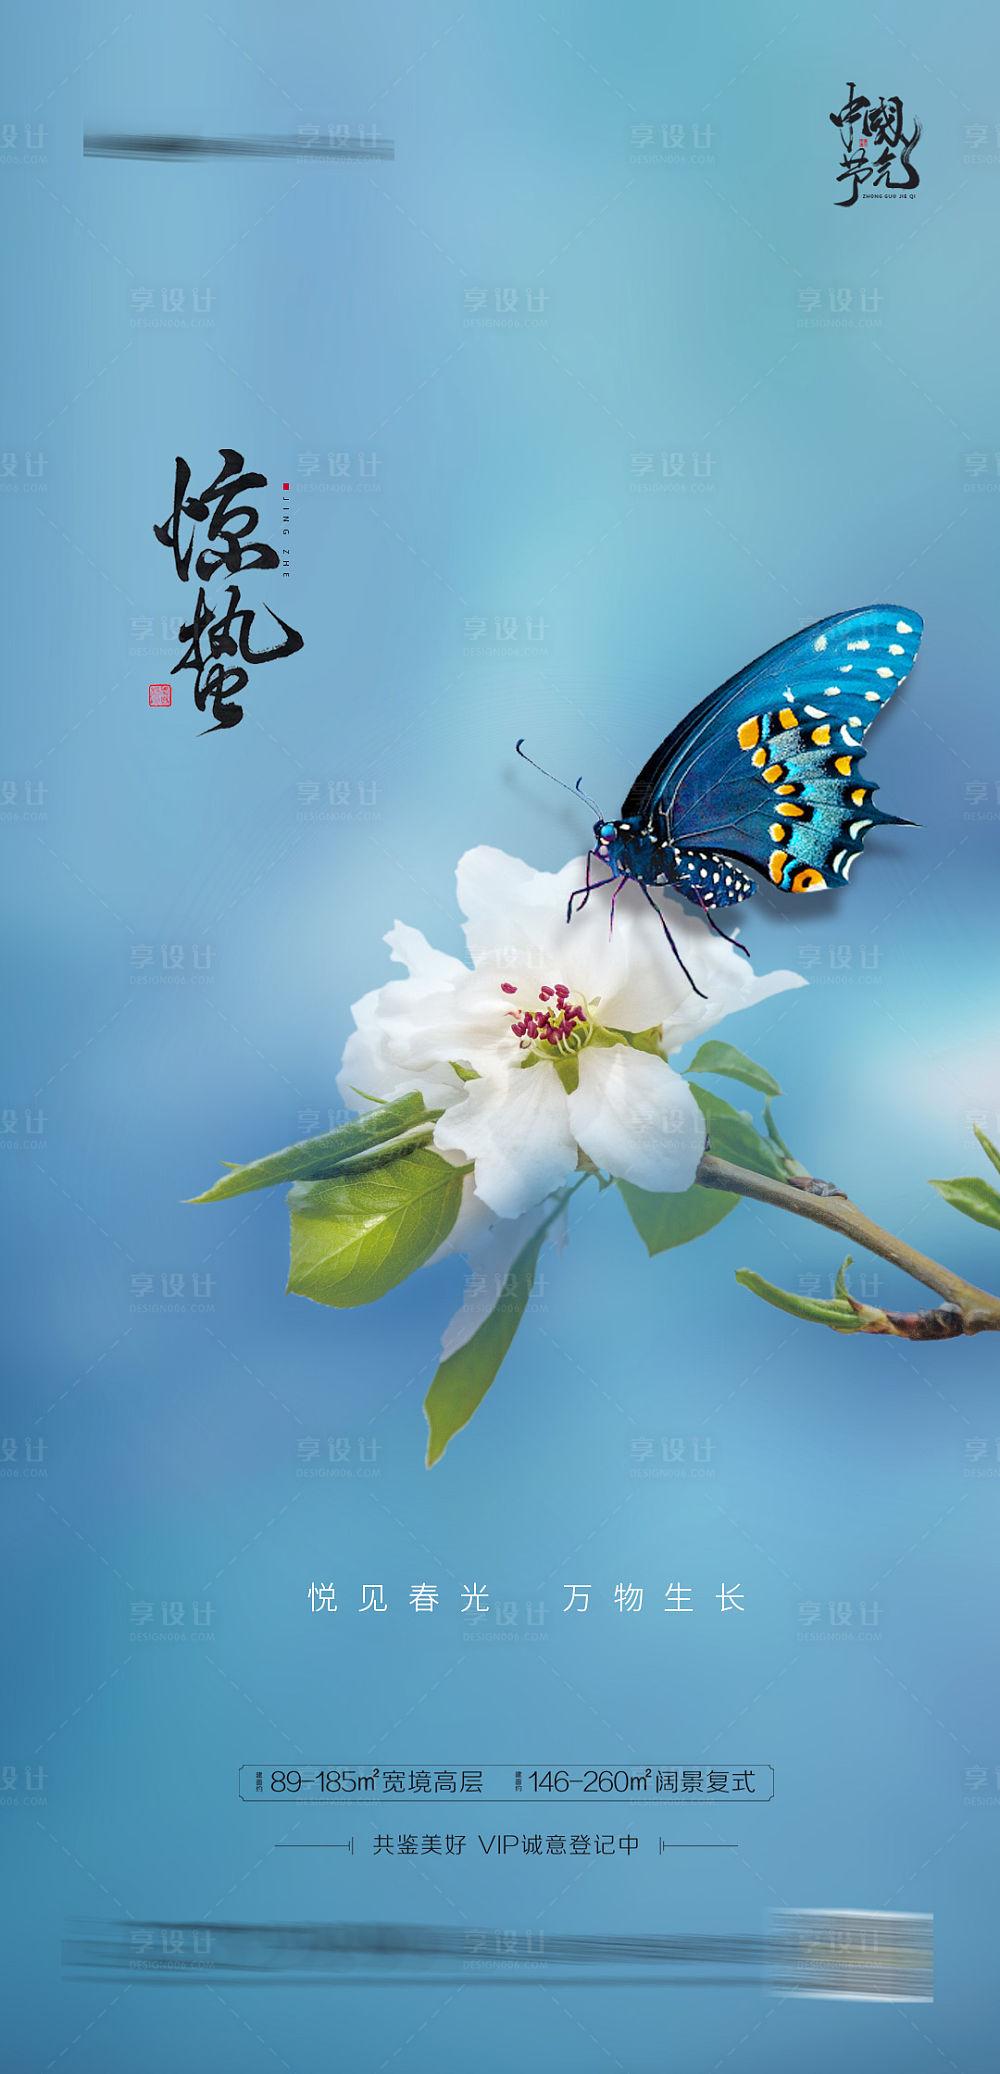 【源文件下载】 海报 地产 二十四节气 惊蛰 氛围 简约 精致 蝴蝶 花朵 设计作品 设计图集